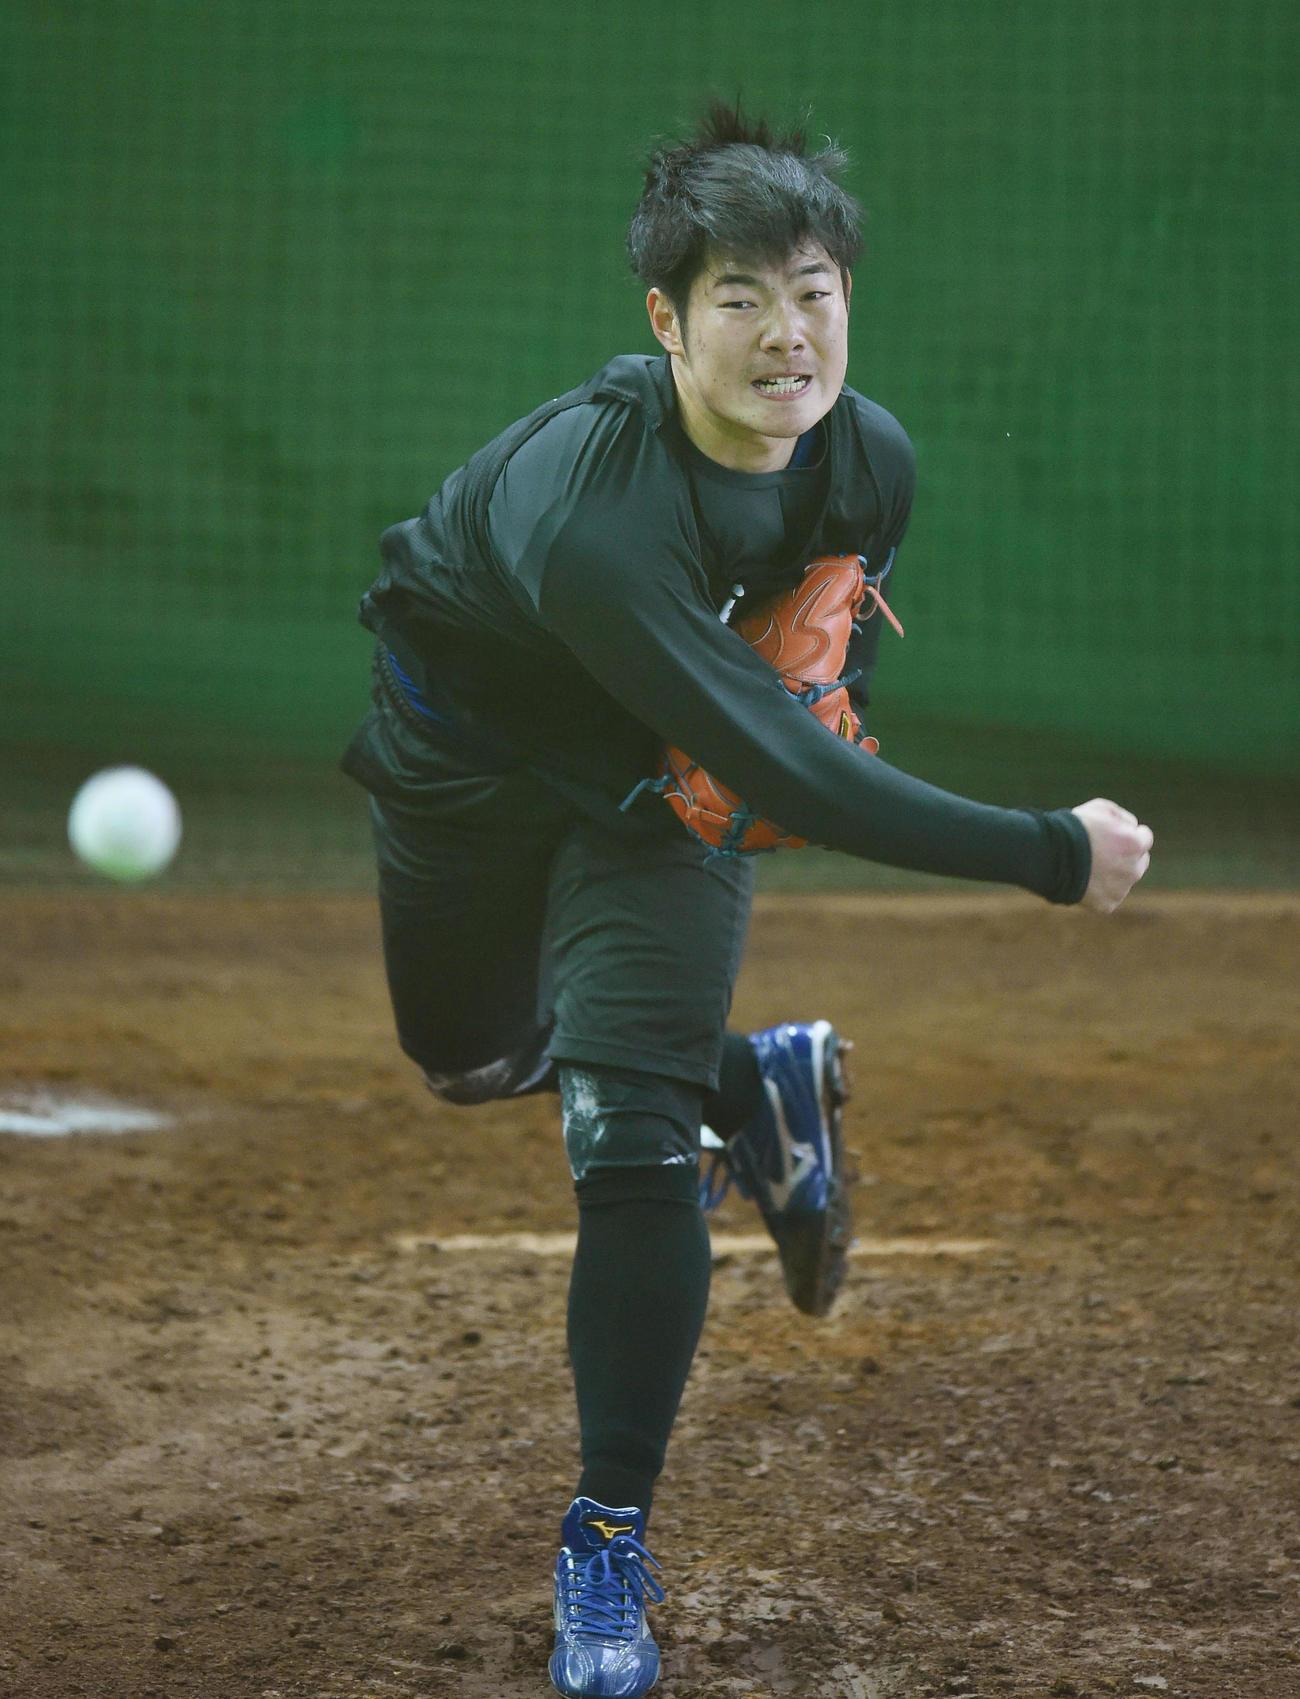 新人で最初のブルペン投球を行った中日森(撮影・森本幸一)